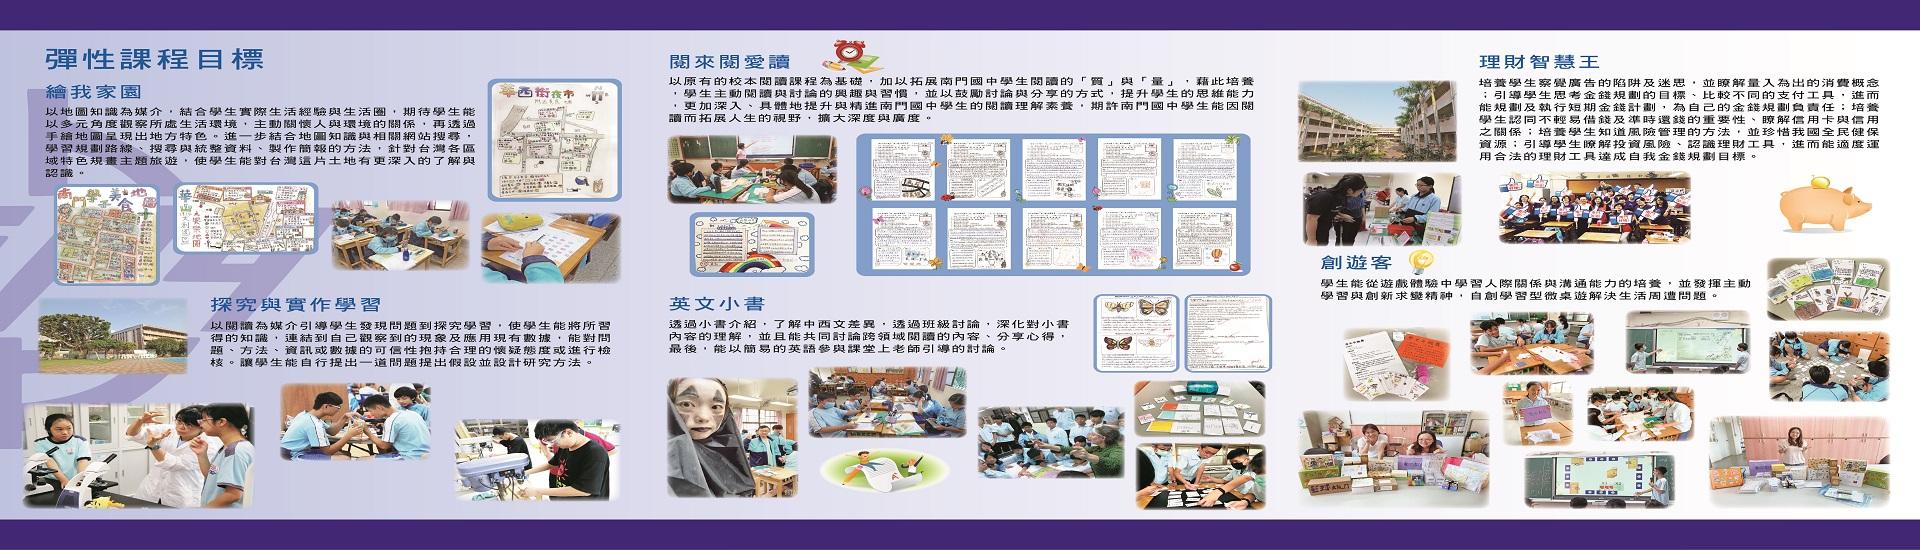 臺北市立南門國中彈性課程目標